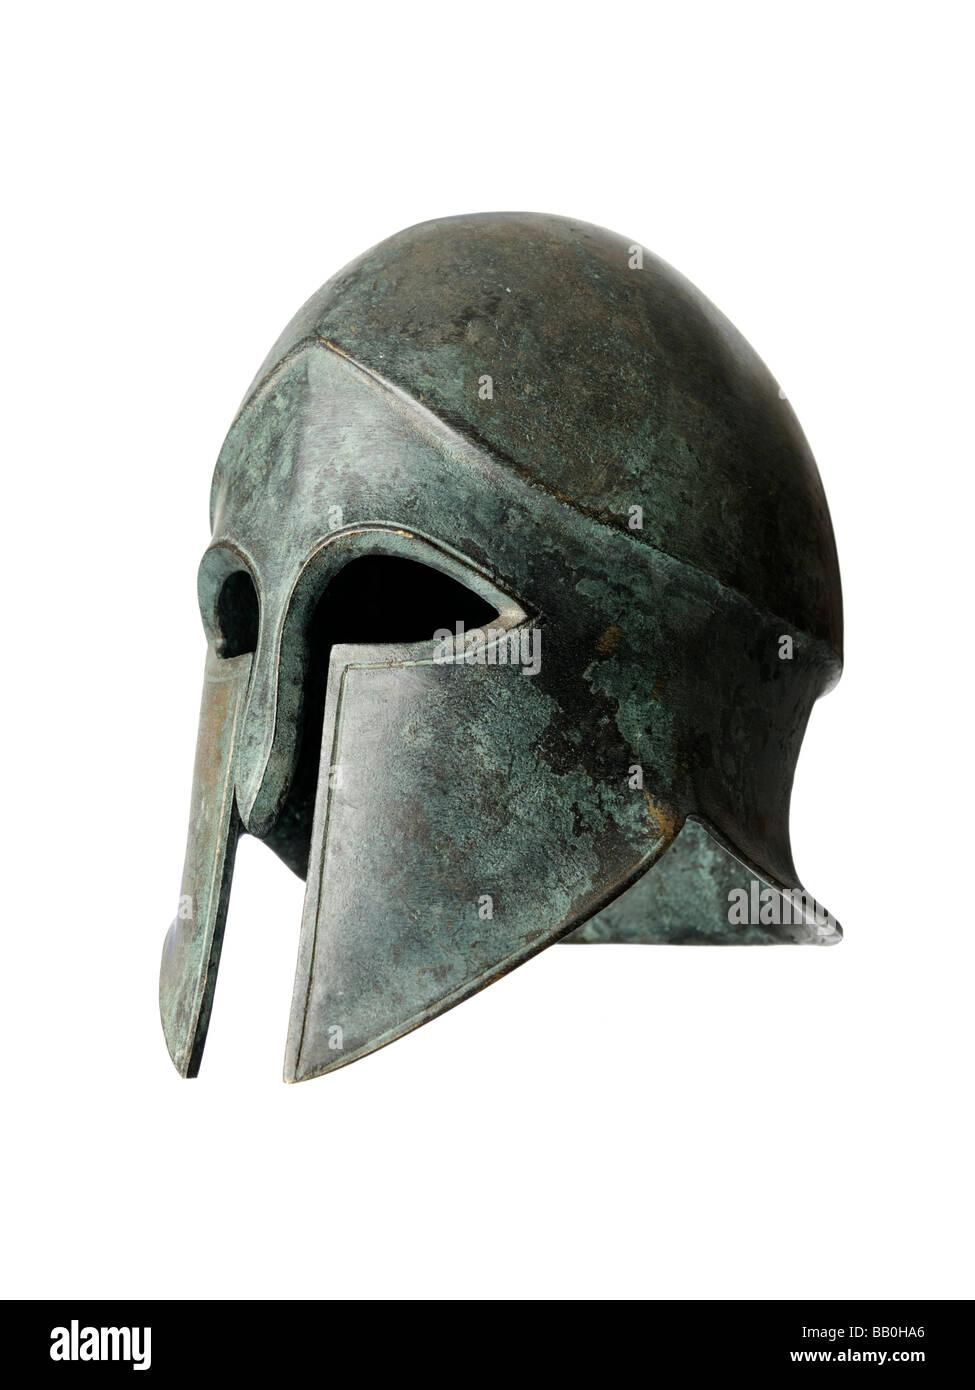 Bronze sculpture helmet visor - Stock Image